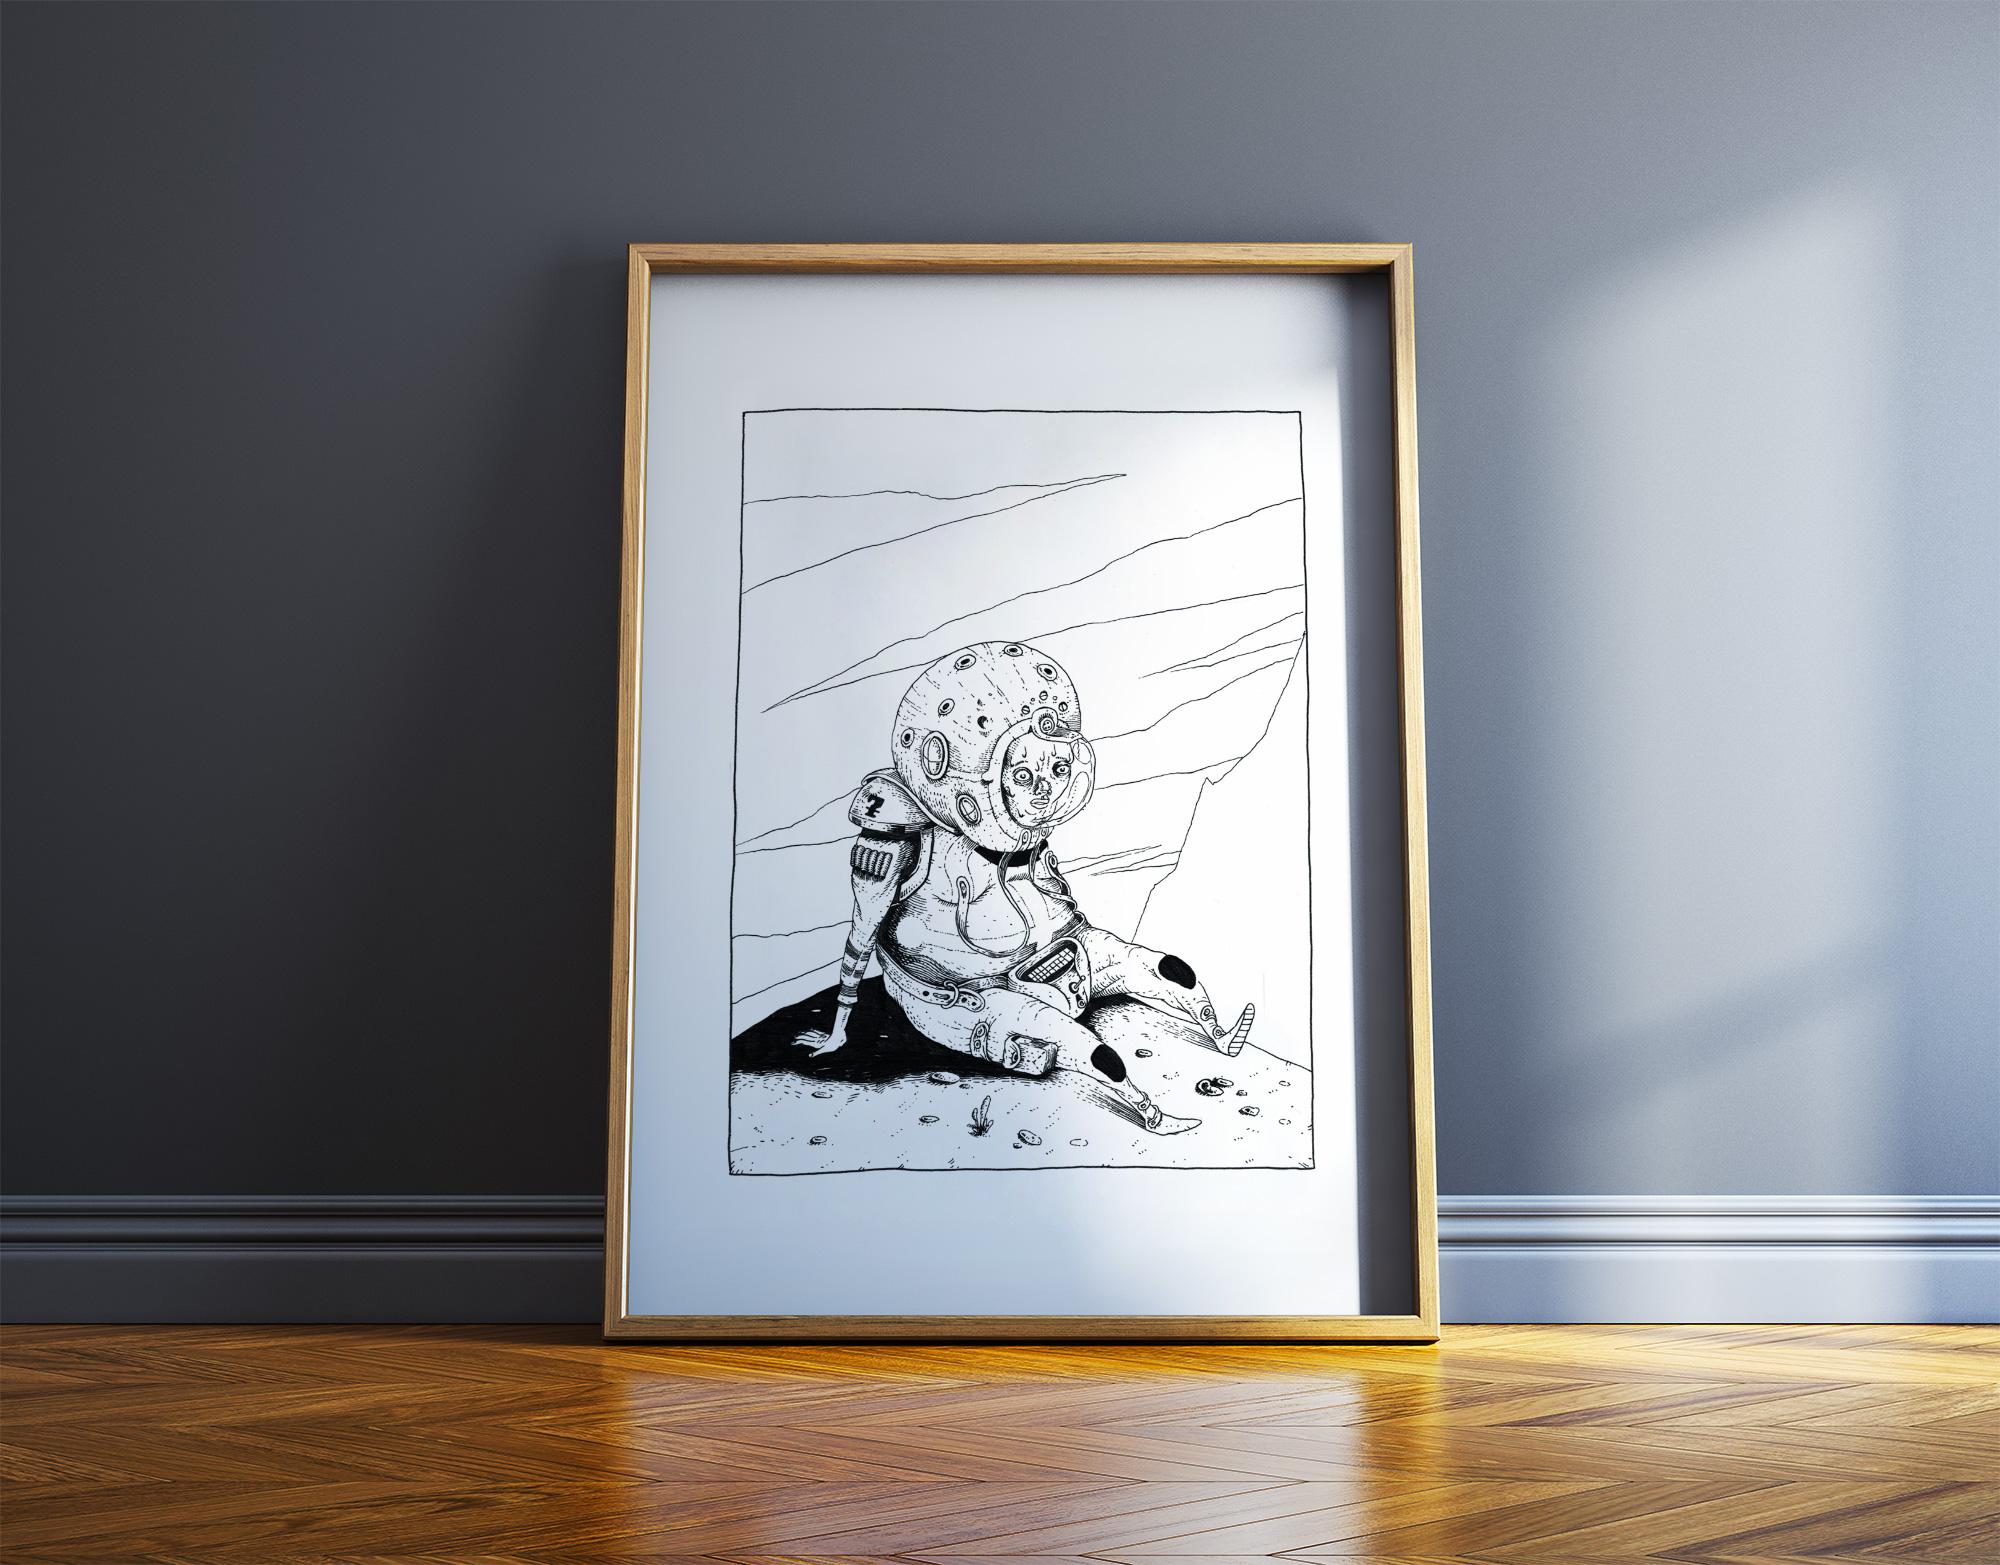 kunsttryk, gliceé, børnevenlige, monokrome, børn, humor, himmel, sorte, hvide, blæk, papir, sjove, atmosfære, sort-hvide, samtidskunst, sød, dansk, dekorative, design, interiør, bolig-indretning, moderne, moderne-kunst, nordisk, plakater, tryk, Køb original kunst og kunstplakater. Malerier, tegninger, limited edition kunsttryk & plakater af dygtige kunstnere.